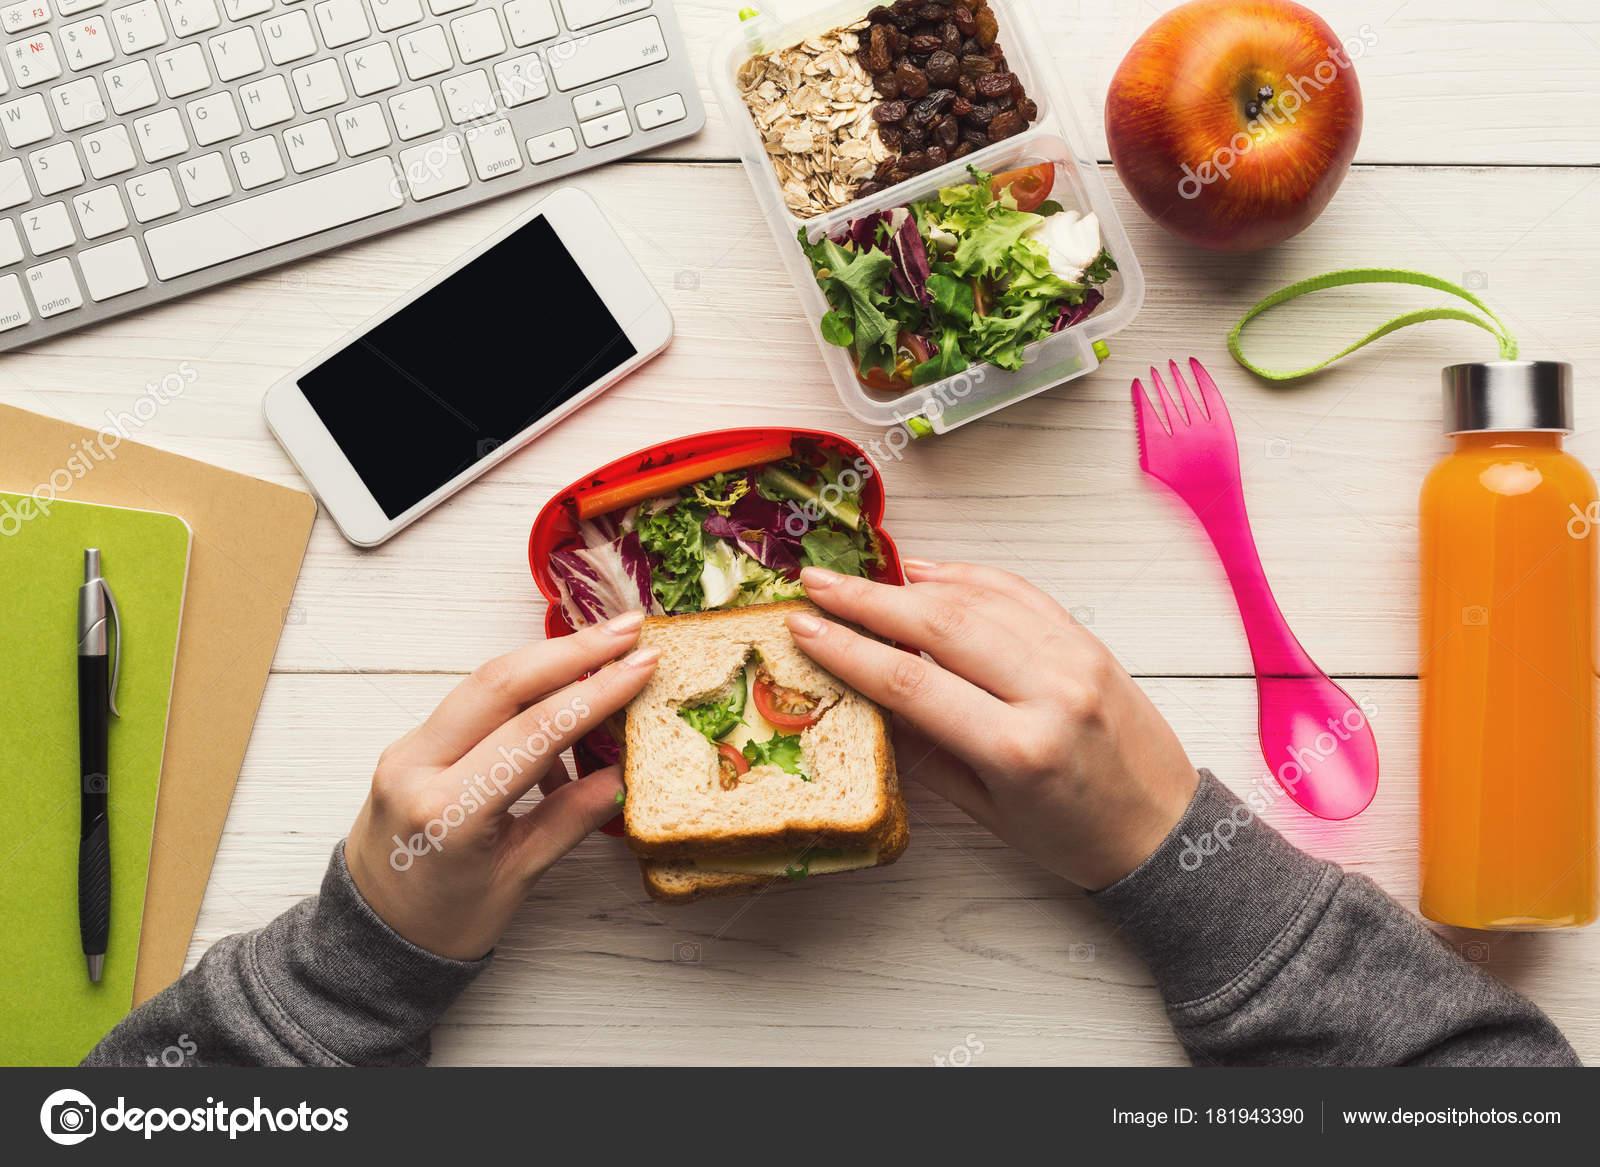 Pranzo Ufficio Vegano : Schiscetta in ufficio oltre al panino c è di piùthe graduates